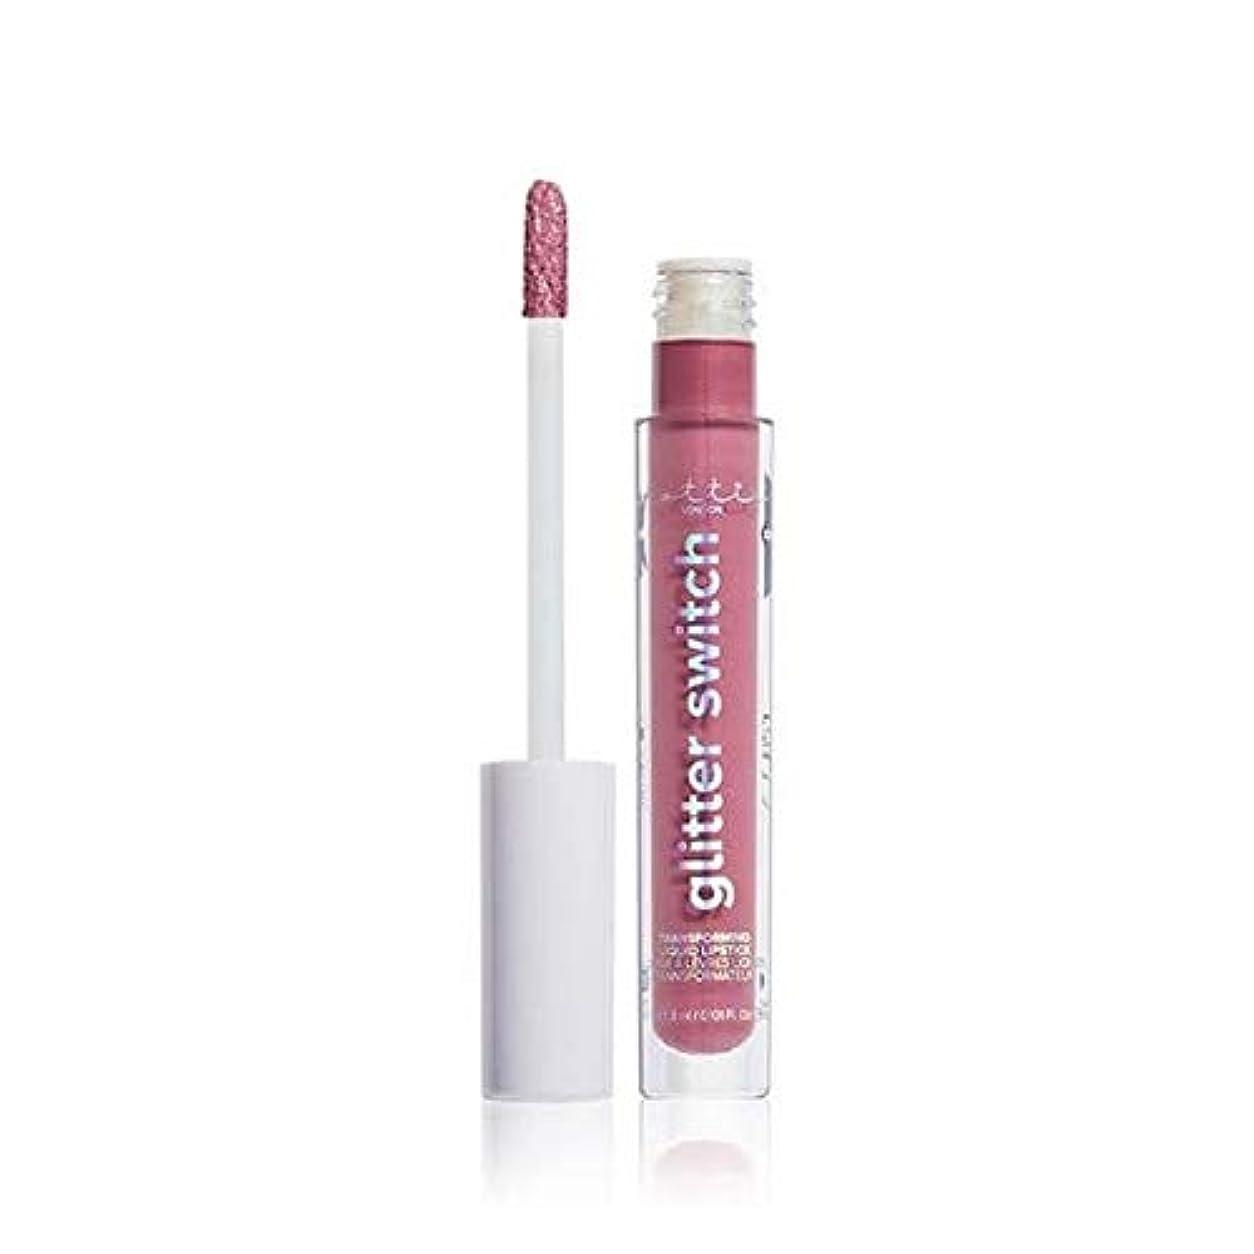 熱心なサイクルケージ[Lottie London] 口紅を変換ロンドンキラキラスイッチを望んでいたLottie - Lottie London Glitter Switch Transforming Lipstick Wanted [並行輸入品]